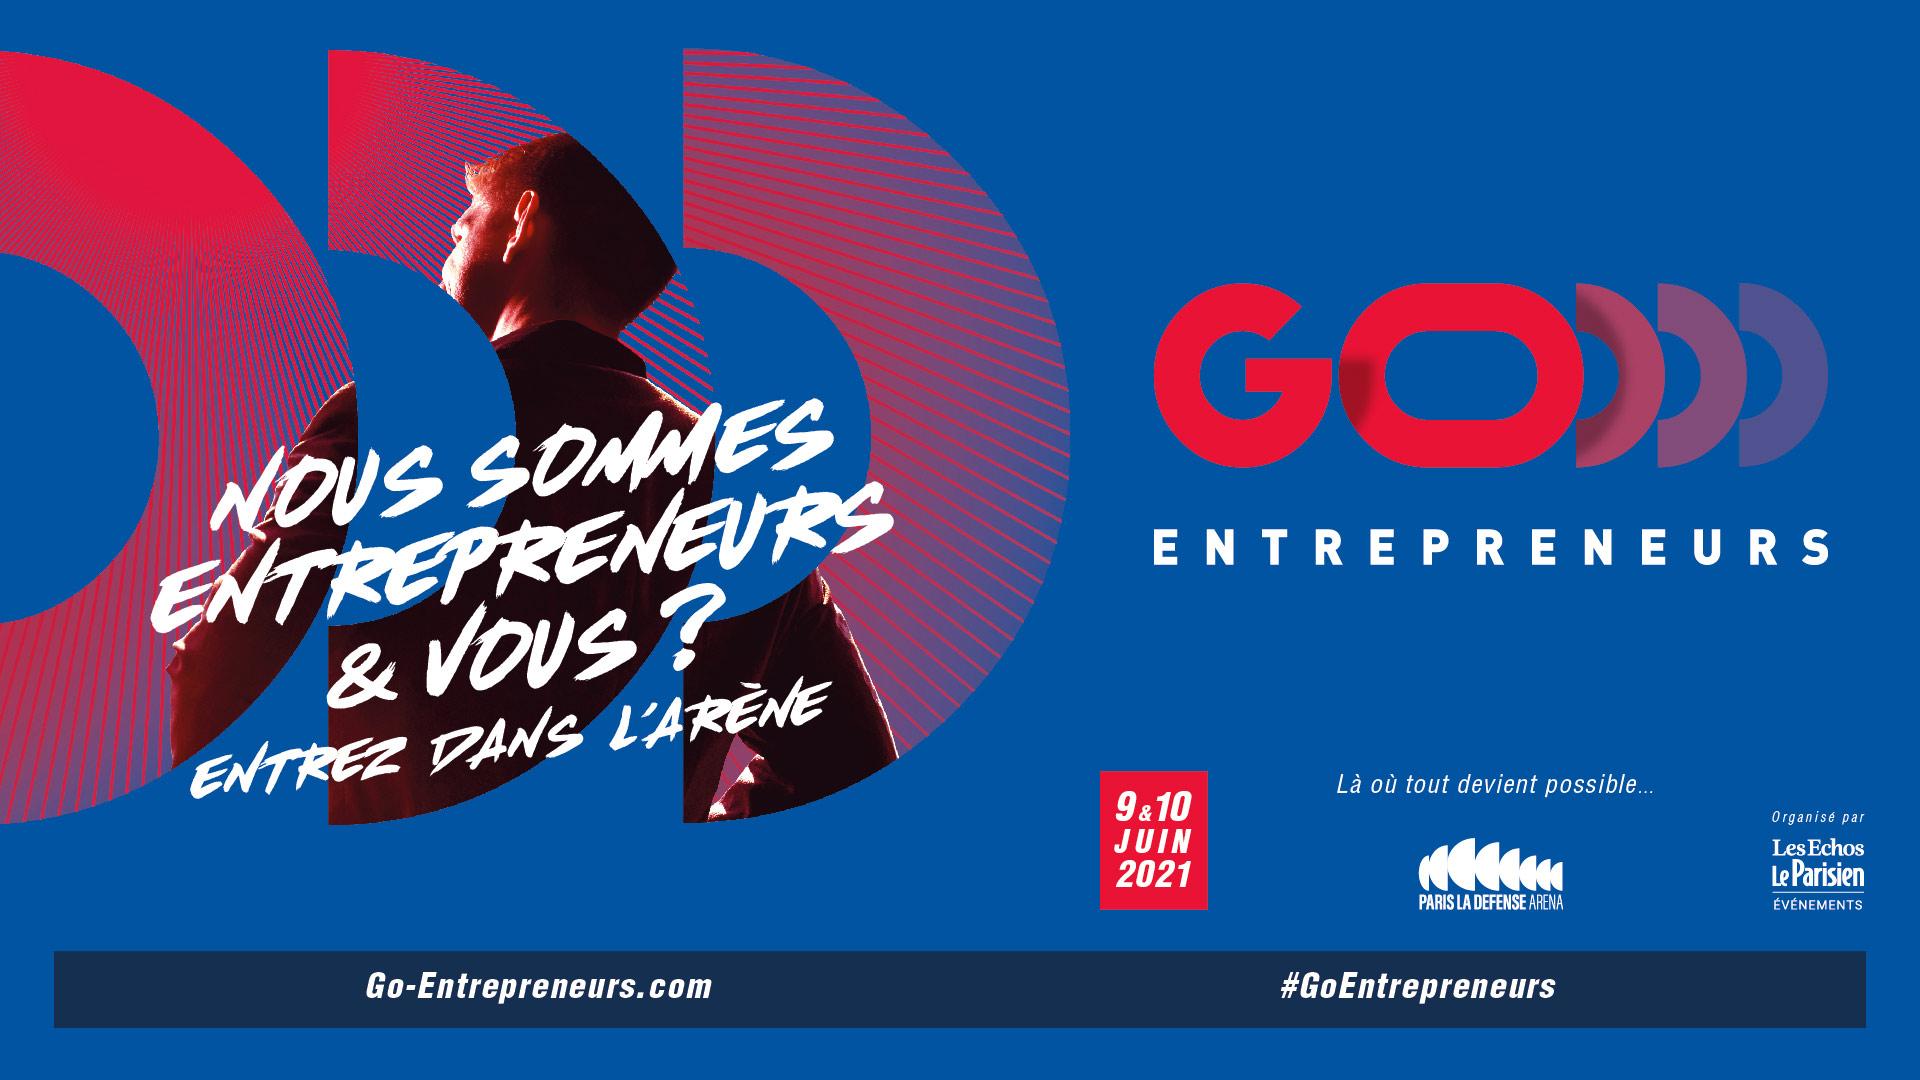 Go Entrepreneurs remplace Salon des Entrepreneurs avec date inédite à Paris La Défense Arena en juin